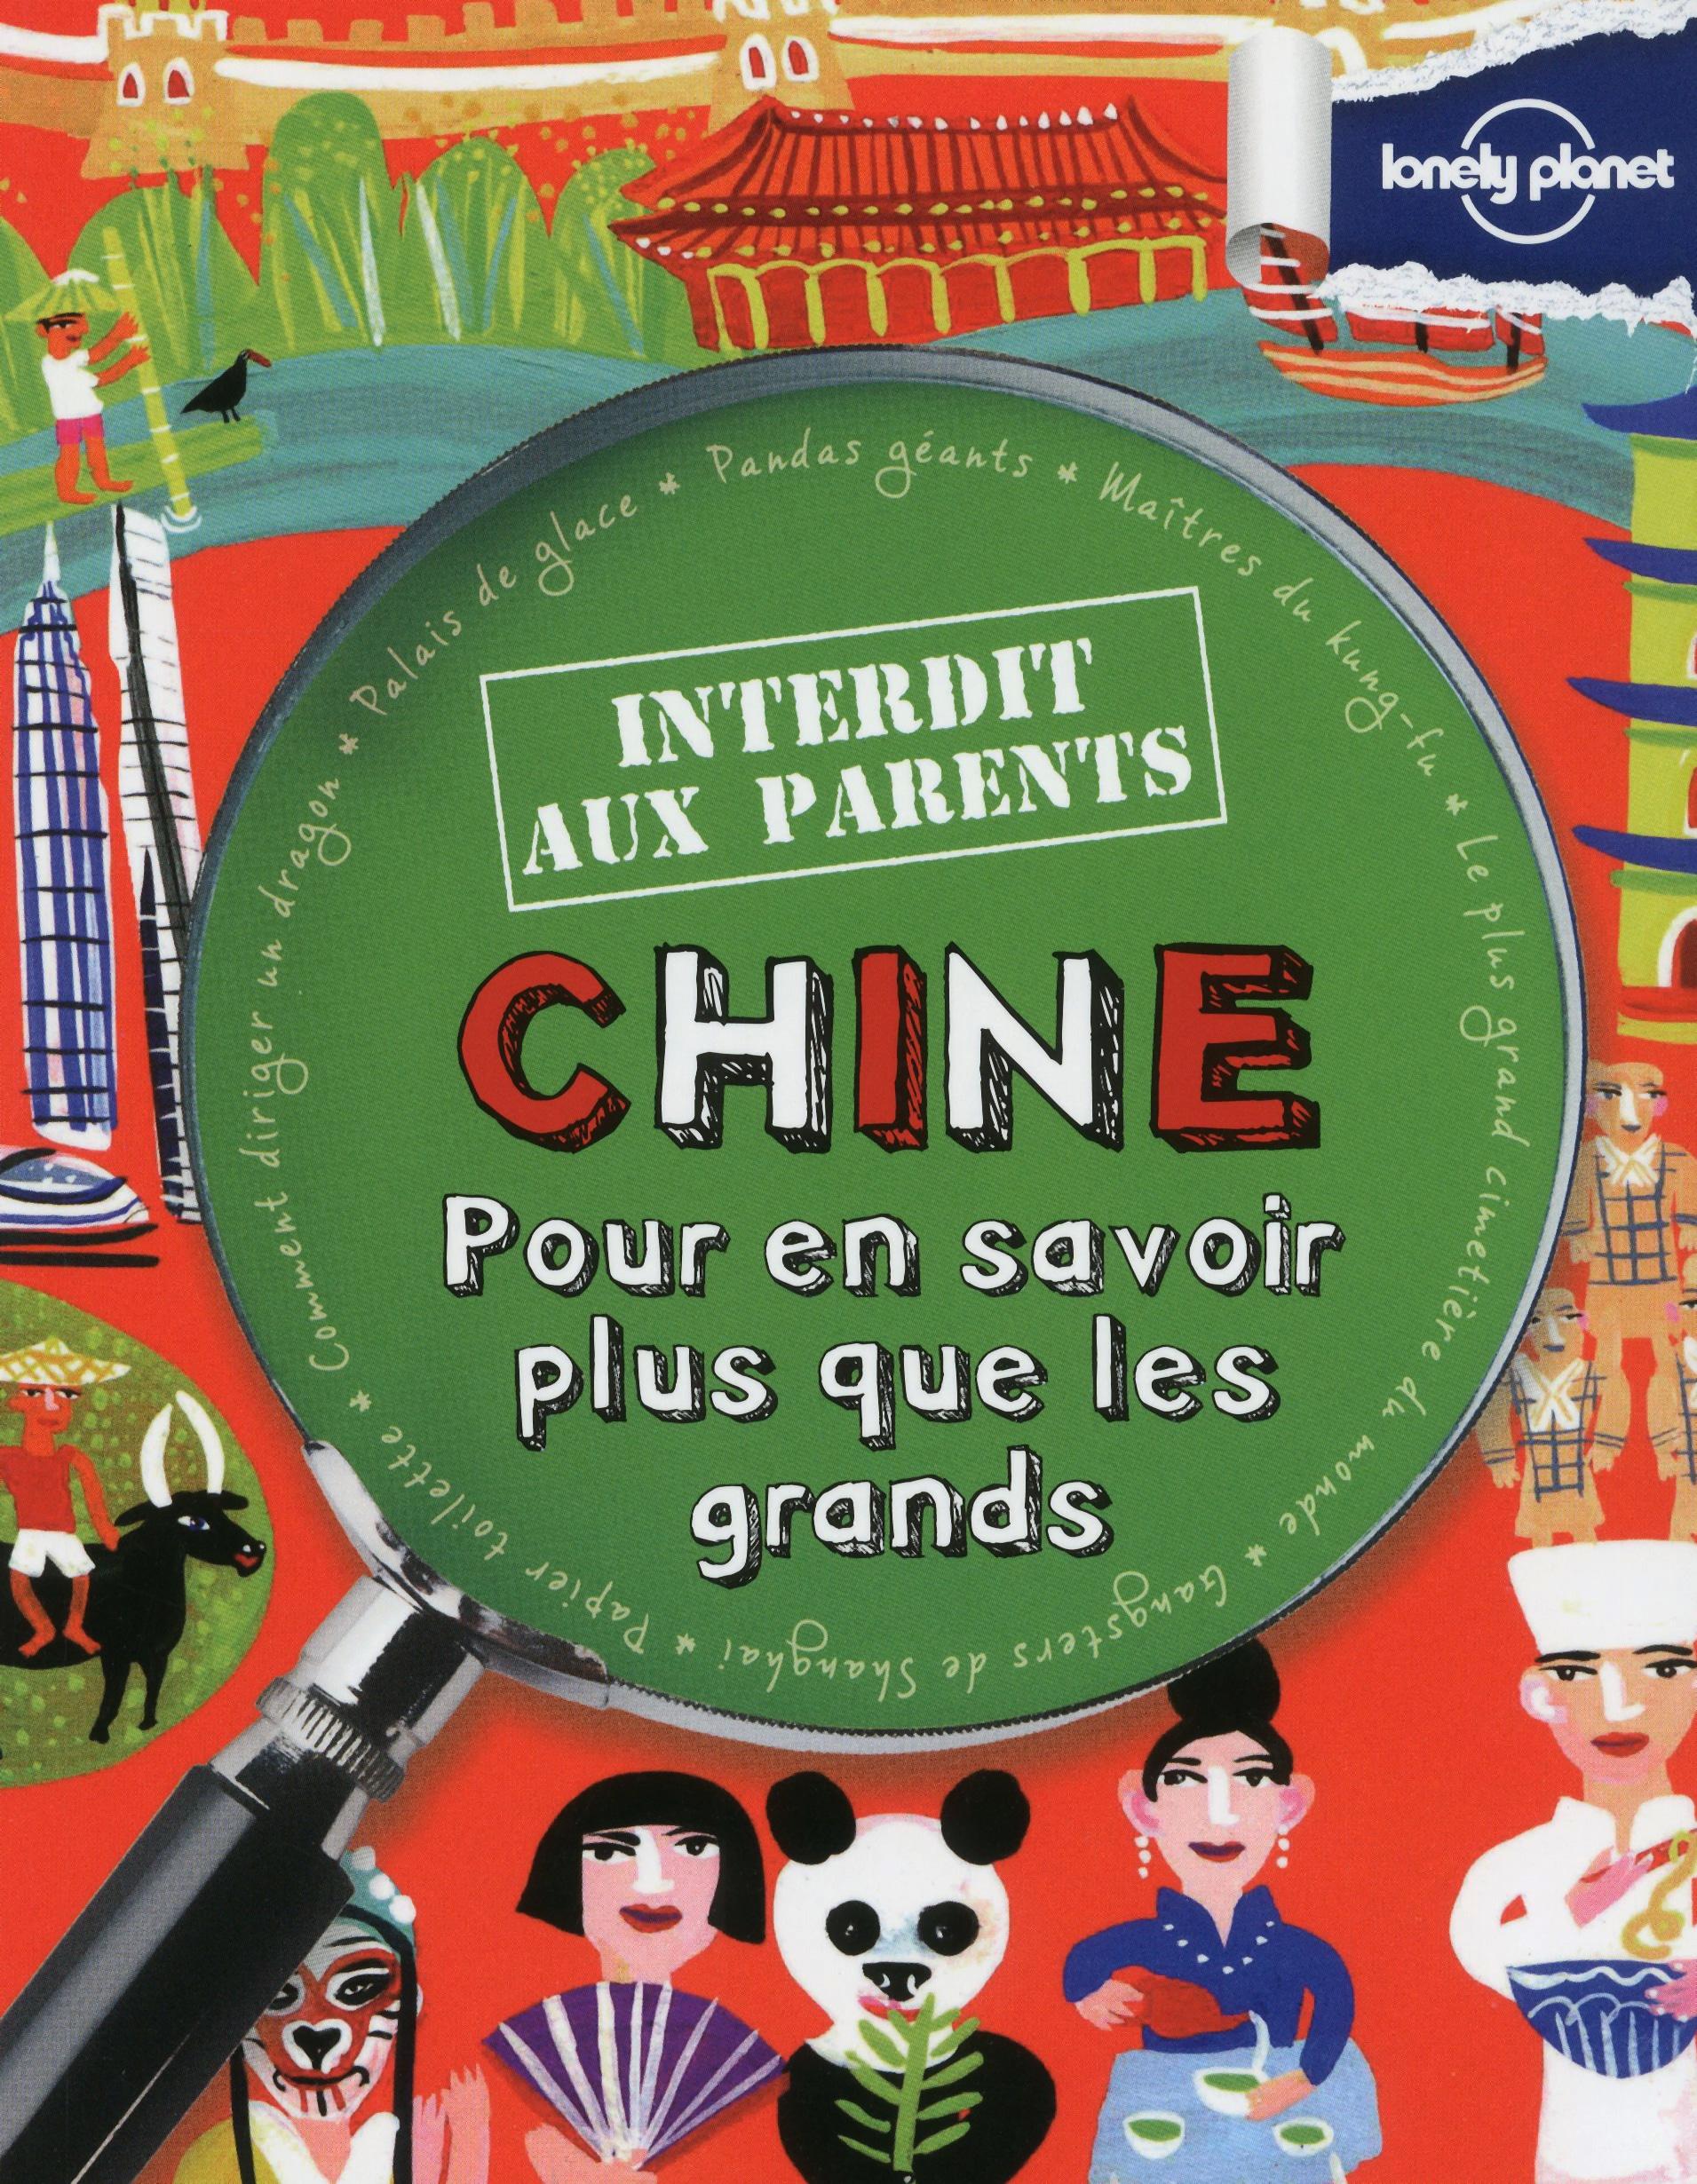 Guides de voyage Chine